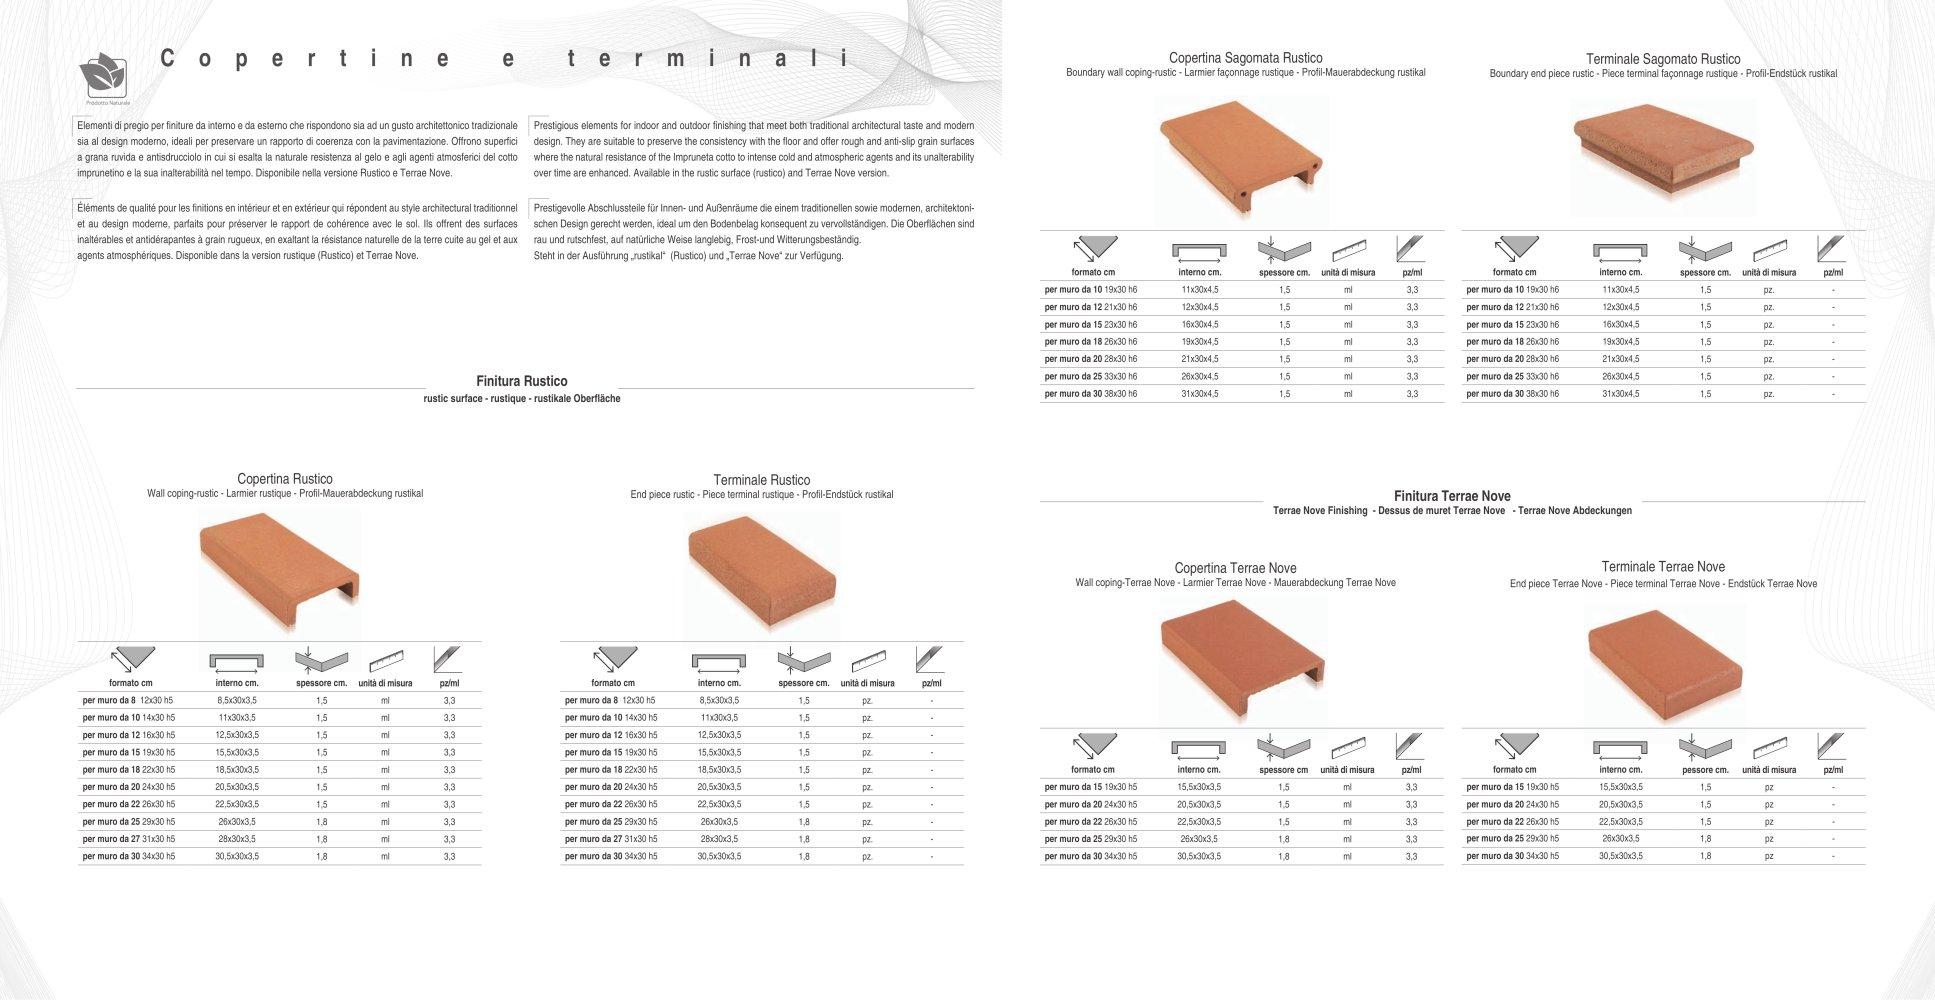 Coperture Muretti In Cotto.Copertine E Terminali Cotto Impruneta Pdf Catalogs